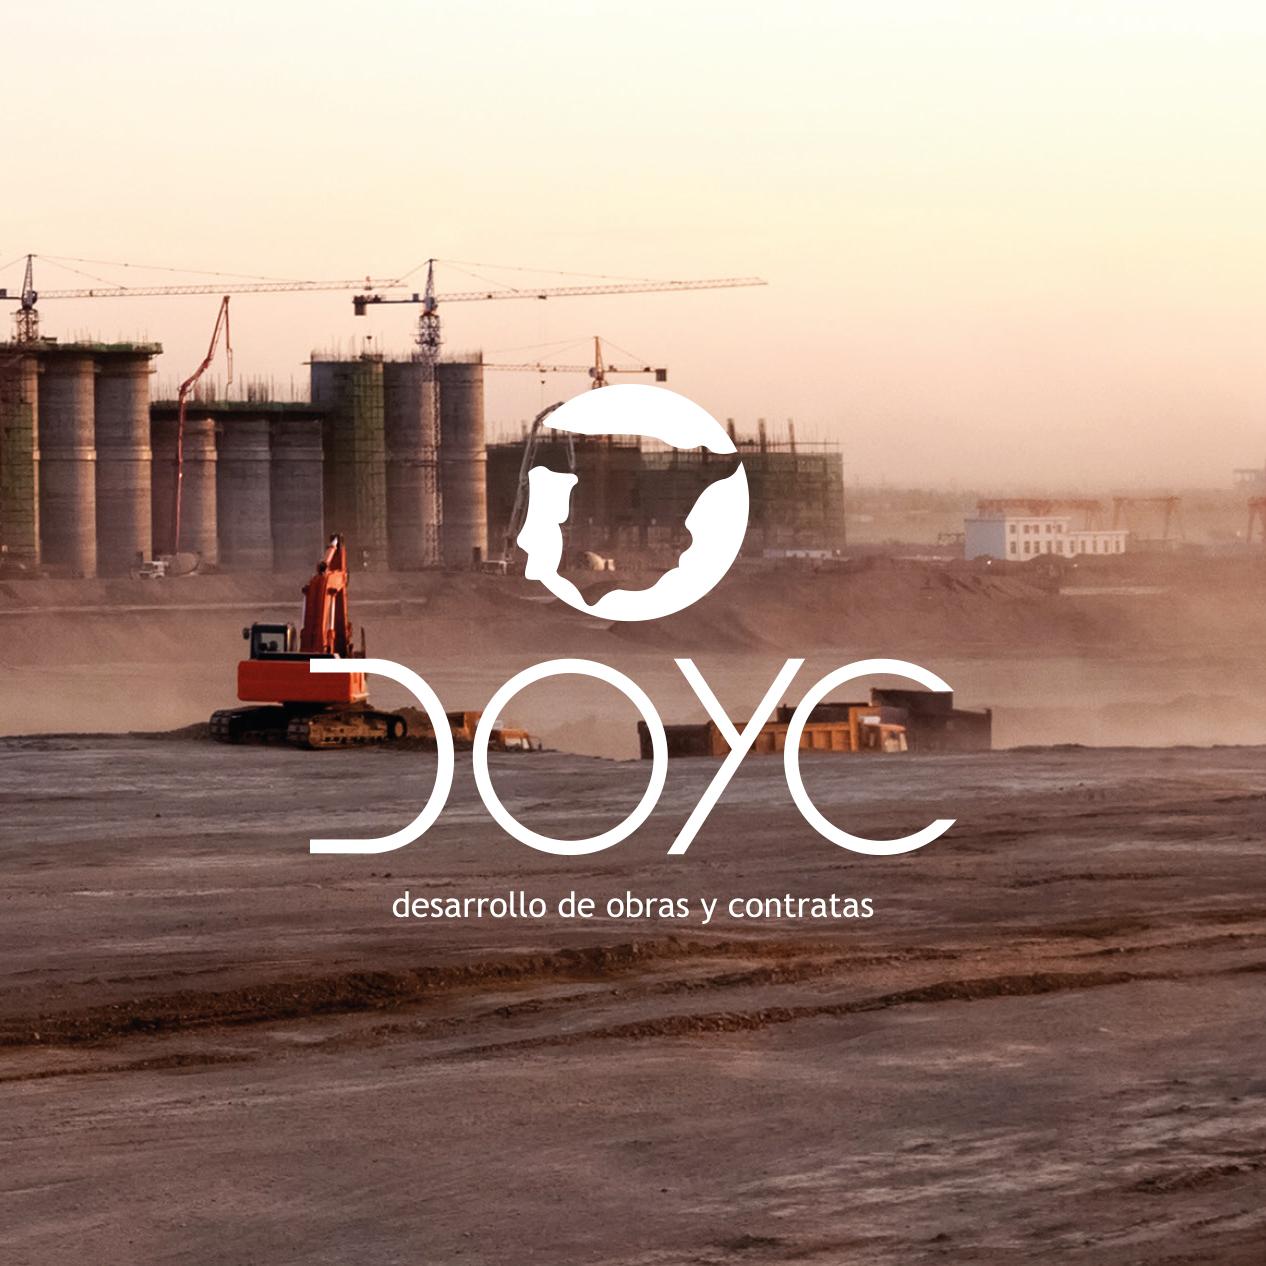 Publicidad para constructora DOYC